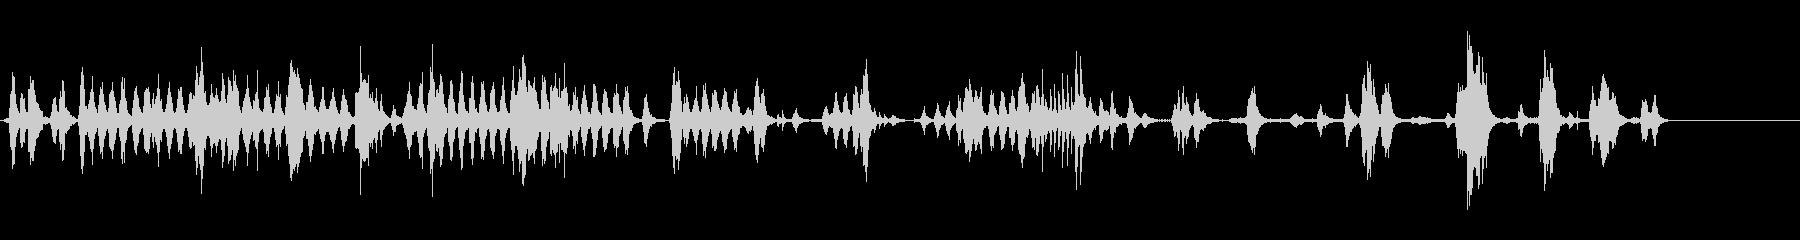 動物園-内部-loros 1の未再生の波形